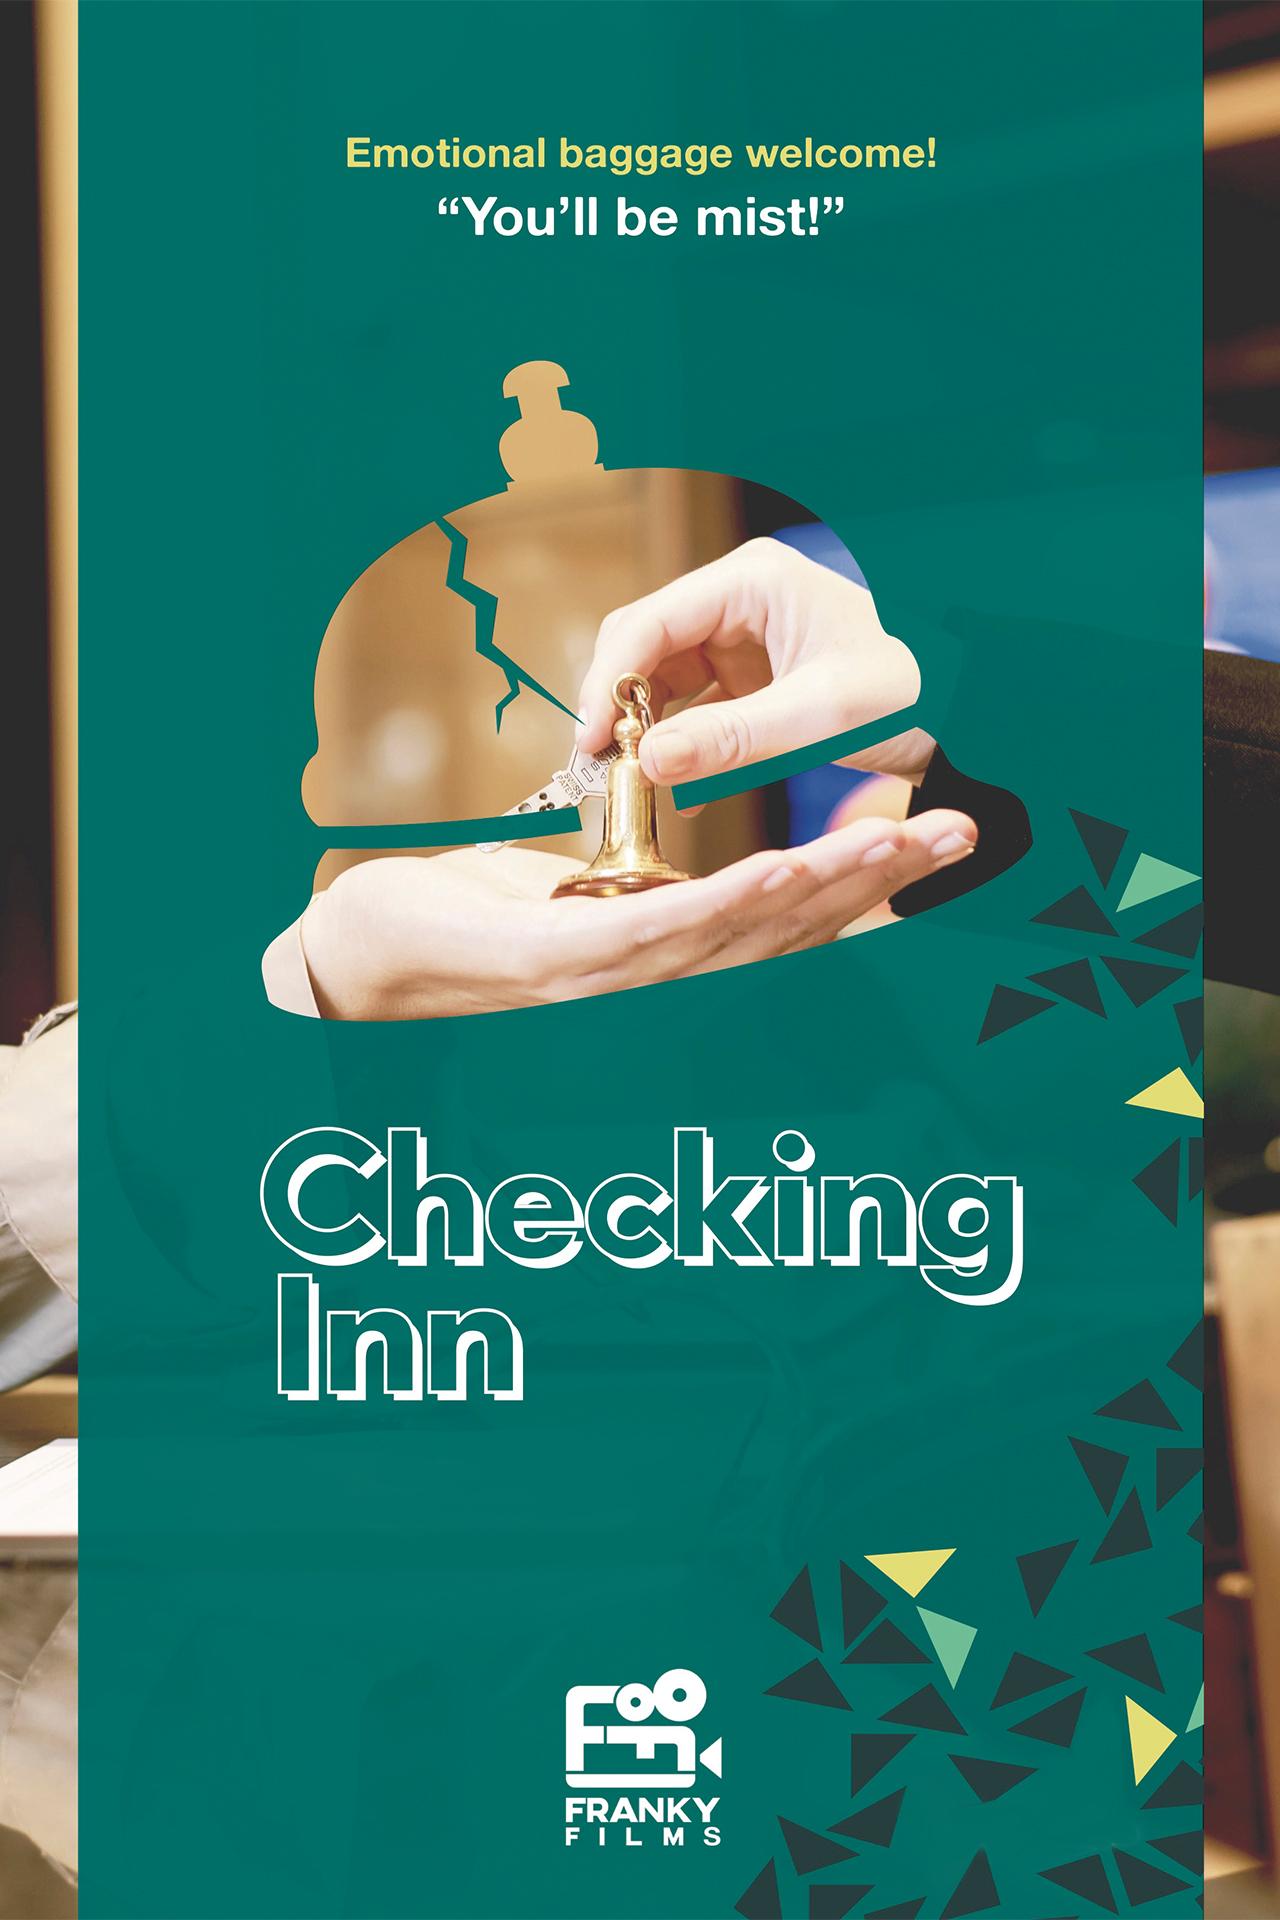 Checking INN Poster.jpg